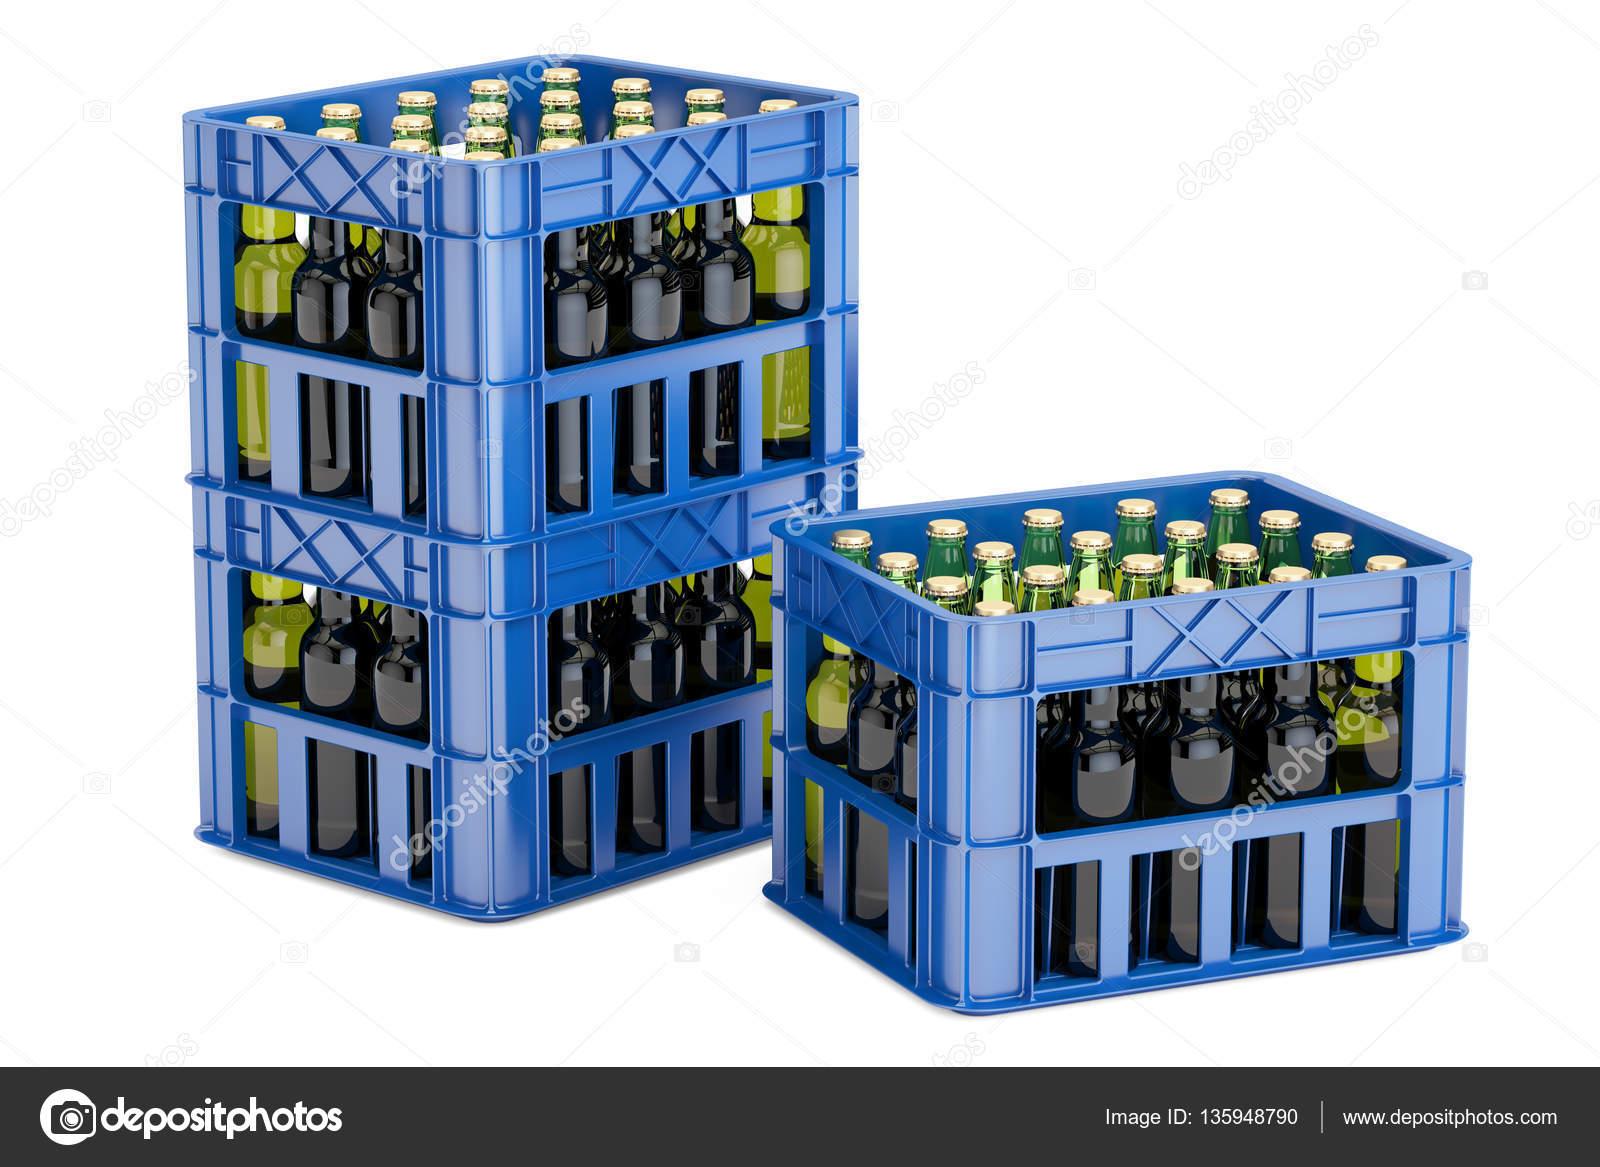 caisses en plastique avec des bouteilles de bire rendu 3d isol sur fond blanc image de alexlmx - Caisse Biere Plastique